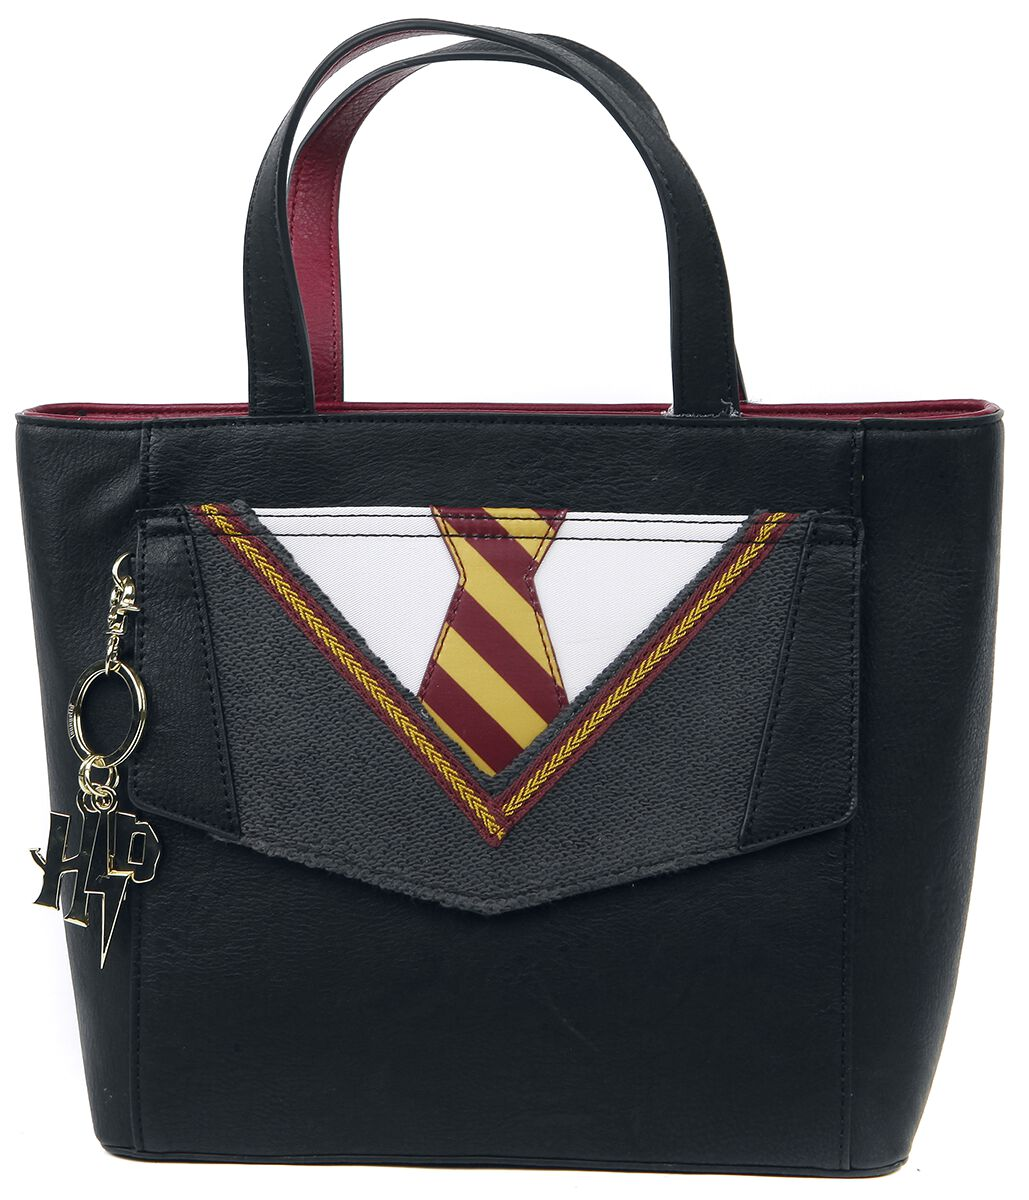 Handtaschen - Harry Potter Loungefly Gryffindor Uniform Handtasche schwarz  - Onlineshop EMP